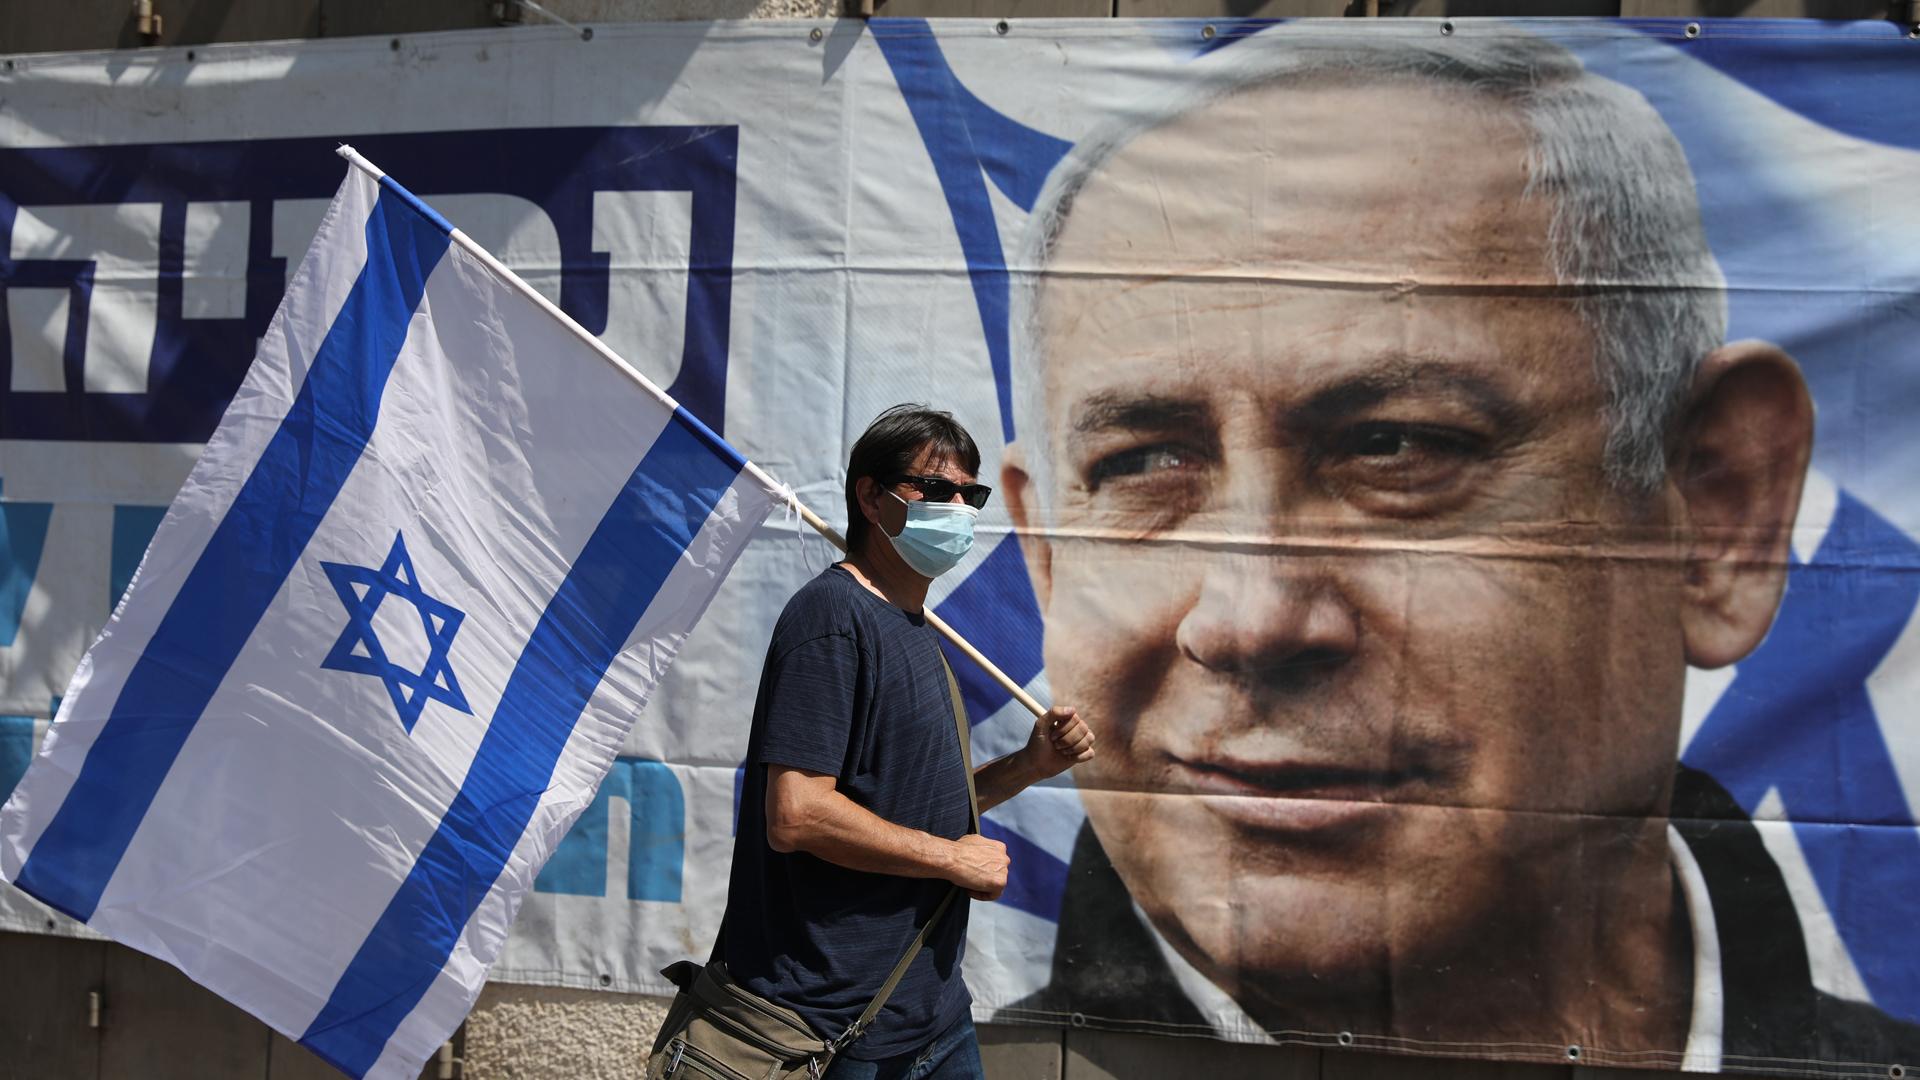 Coalición de Gobierno en Israel derroca a Netanyahu, termina una era